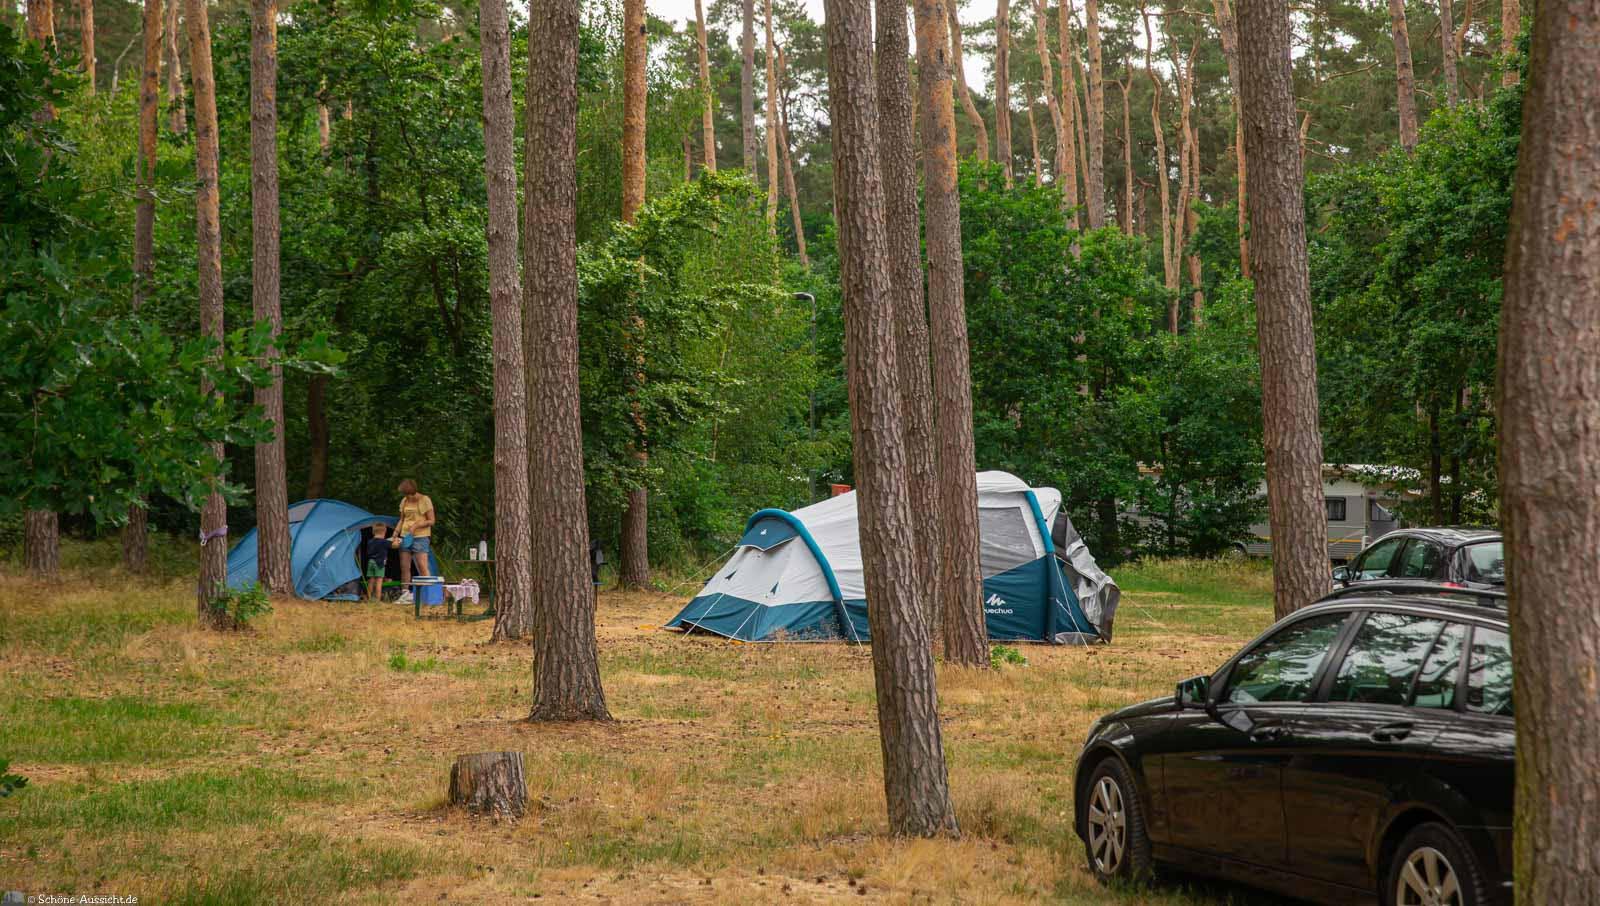 Campingplatz Schwaan - Charmant mit etwas Ossi-Feeling 5